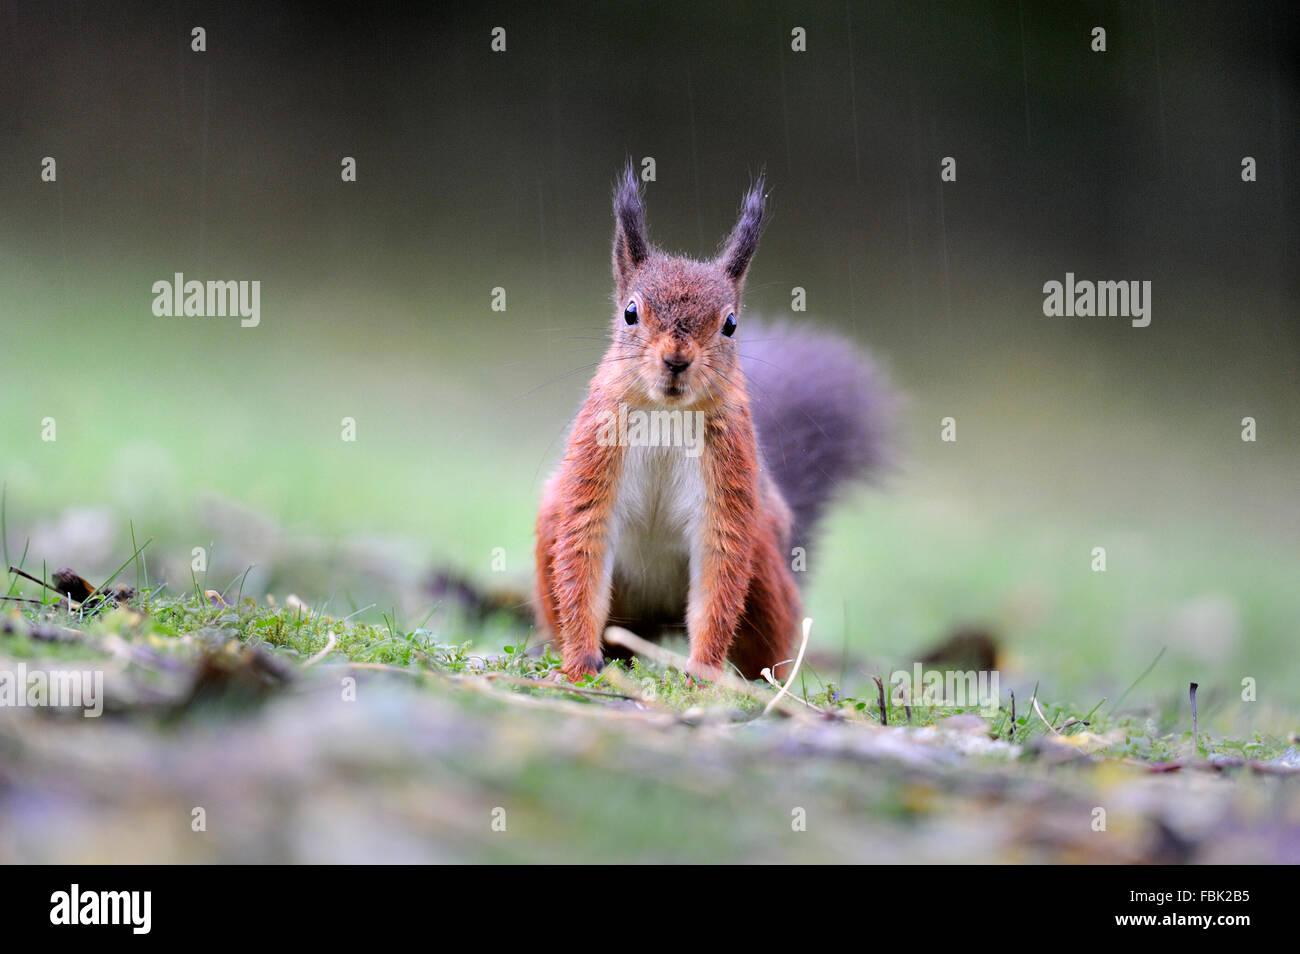 L'Écureuil roux (Sciurus vulgaris) dans ouring pluie, à tout droit à l'appareil photo, sur Photo Stock